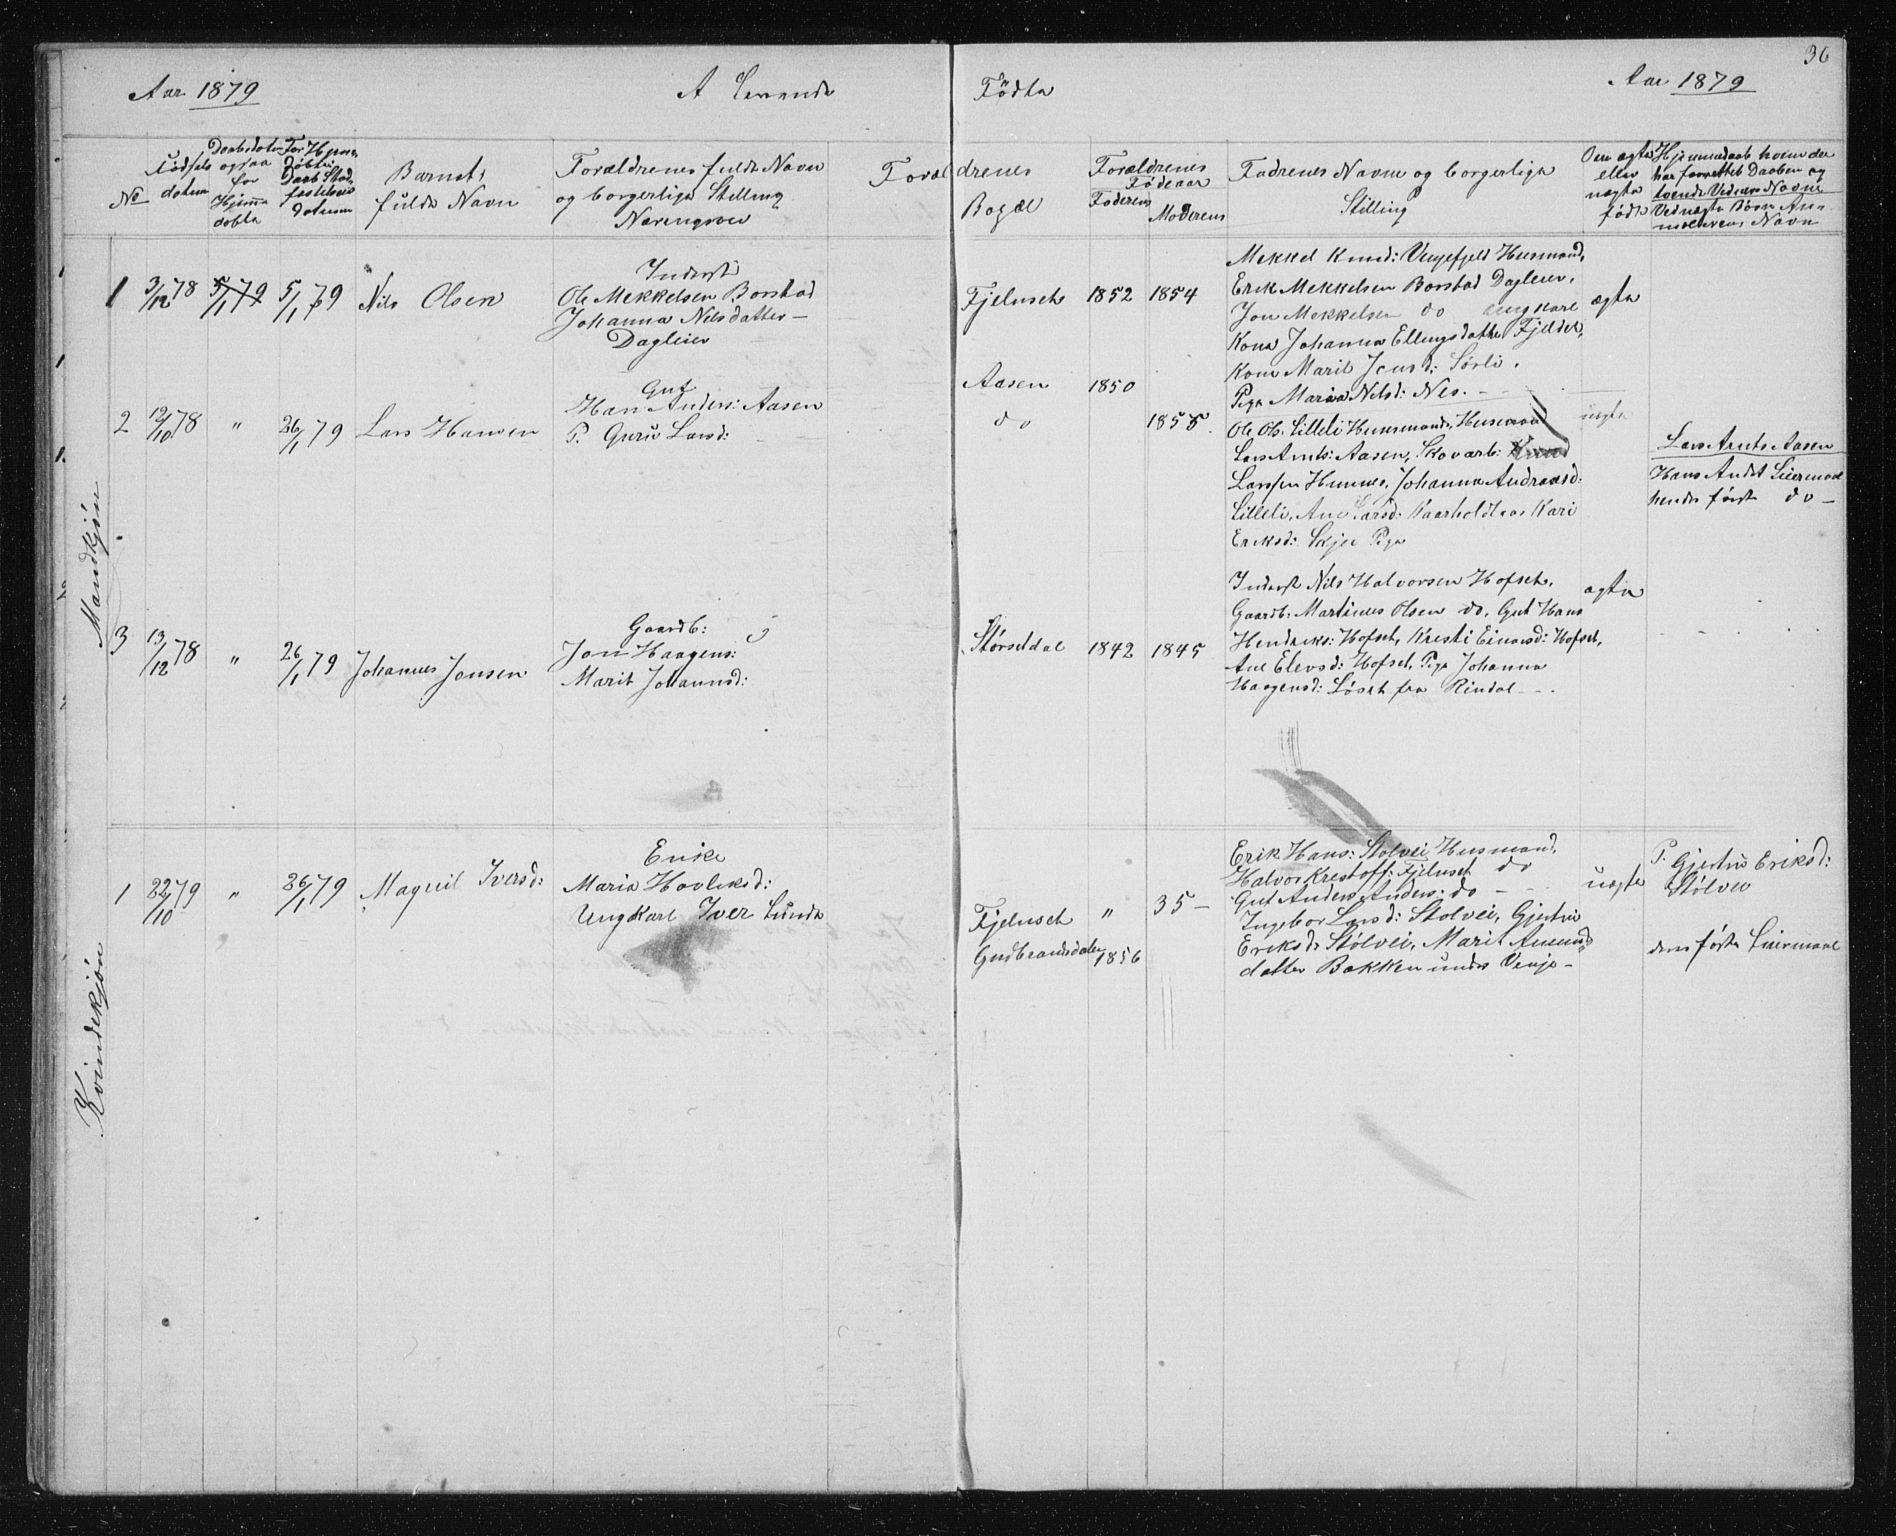 SAT, Ministerialprotokoller, klokkerbøker og fødselsregistre - Sør-Trøndelag, 631/L0513: Klokkerbok nr. 631C01, 1869-1879, s. 36